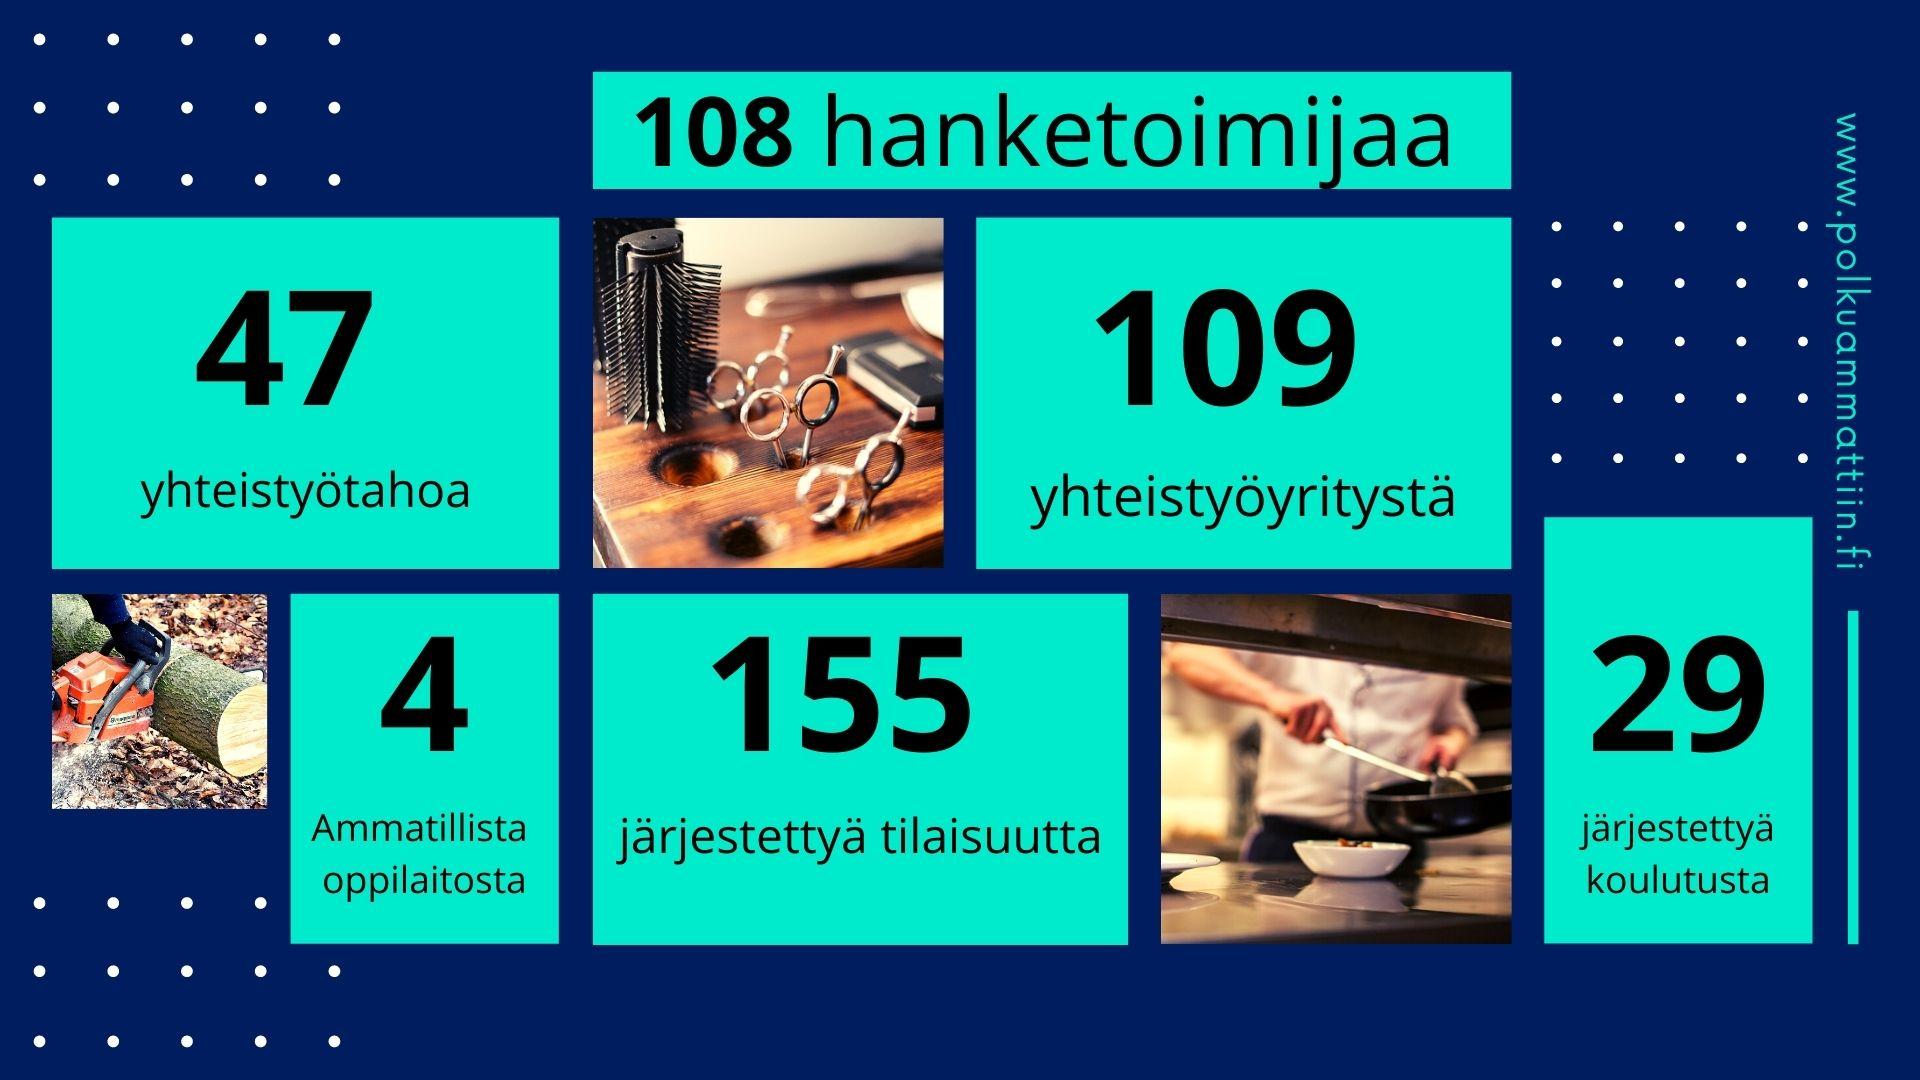 Infograafi, jossa tiedot: hankkeessa on ollut mukana 108 toimijaa, 47 yhteistyötahoa, 109 yritystä, 4 ammatillista oppilaitosta. Tilaisuuksia on järjestetty 155, koulutuksia 29.